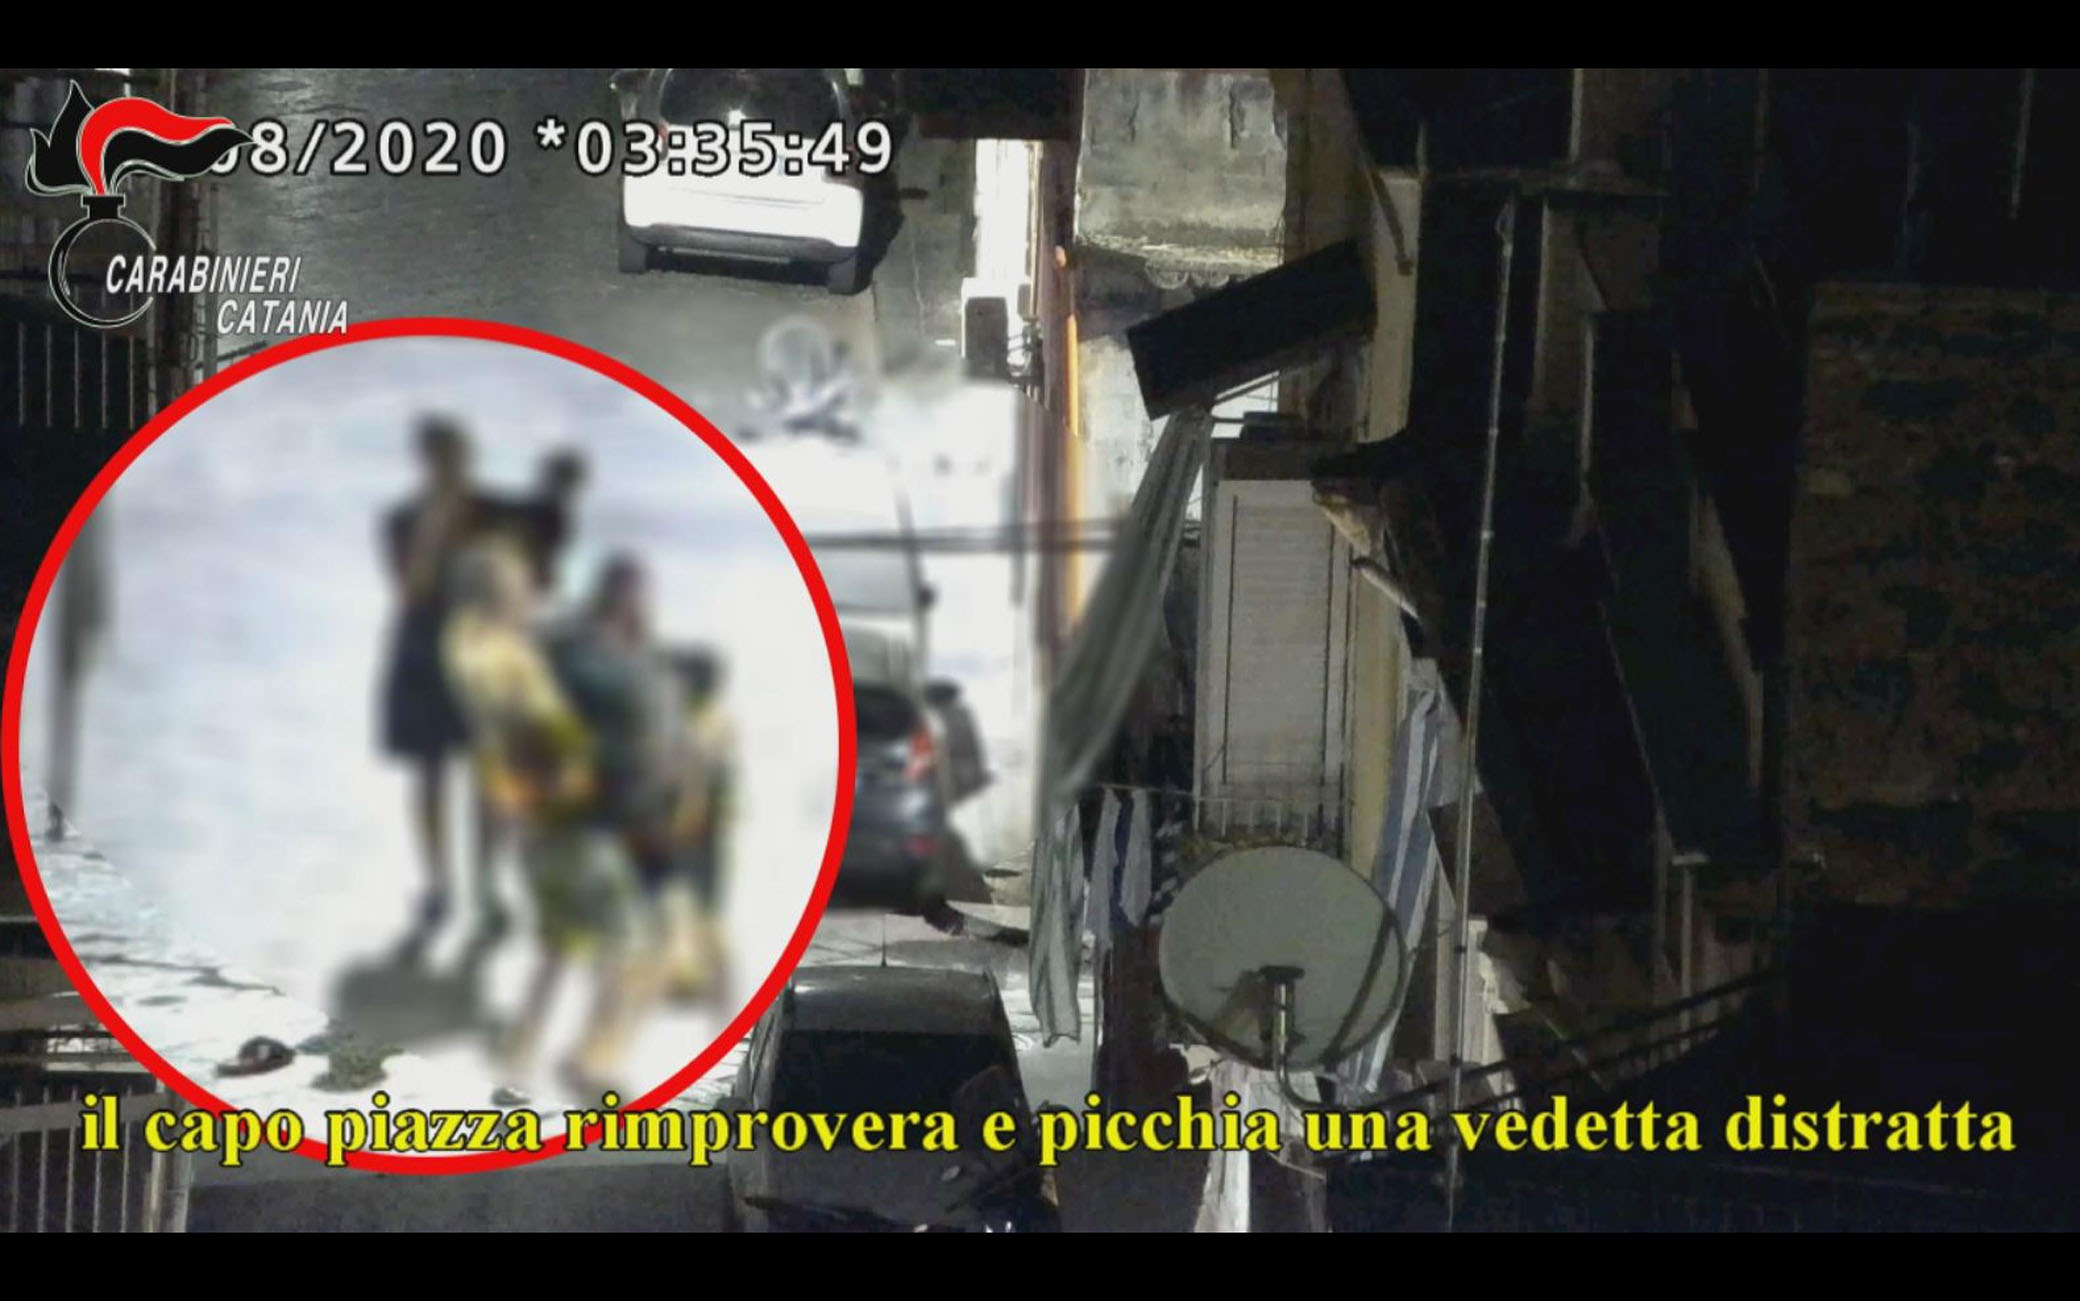 Un fermo immagine tratto da un video dei carabinieri di Catania, 8 giugno 2021: Anche le donne avevano un ruolo nella 'piazza di spaccio' dello storico rione San Cristoforo di Catania sgominata dai carabinieri con i 25 arresti eseguiti nell'ambito dell'operazione Piombai. Tra le indagate ci sono anche la moglie e la cognata del 'capo piazza', che, secondo l'accusa, gestivano i guadagni, occultando il denaro incassato, e affiancavano e talvolta sostituivano gli uomini della famiglia nel controllo e nell'organizzazione delle attività, non curandosi affatto, in alcuni frangenti, della presenza dei figlioletti in tenera età.ANSA/CARABINIERI EDITORIAL USE ONLY NO SALES